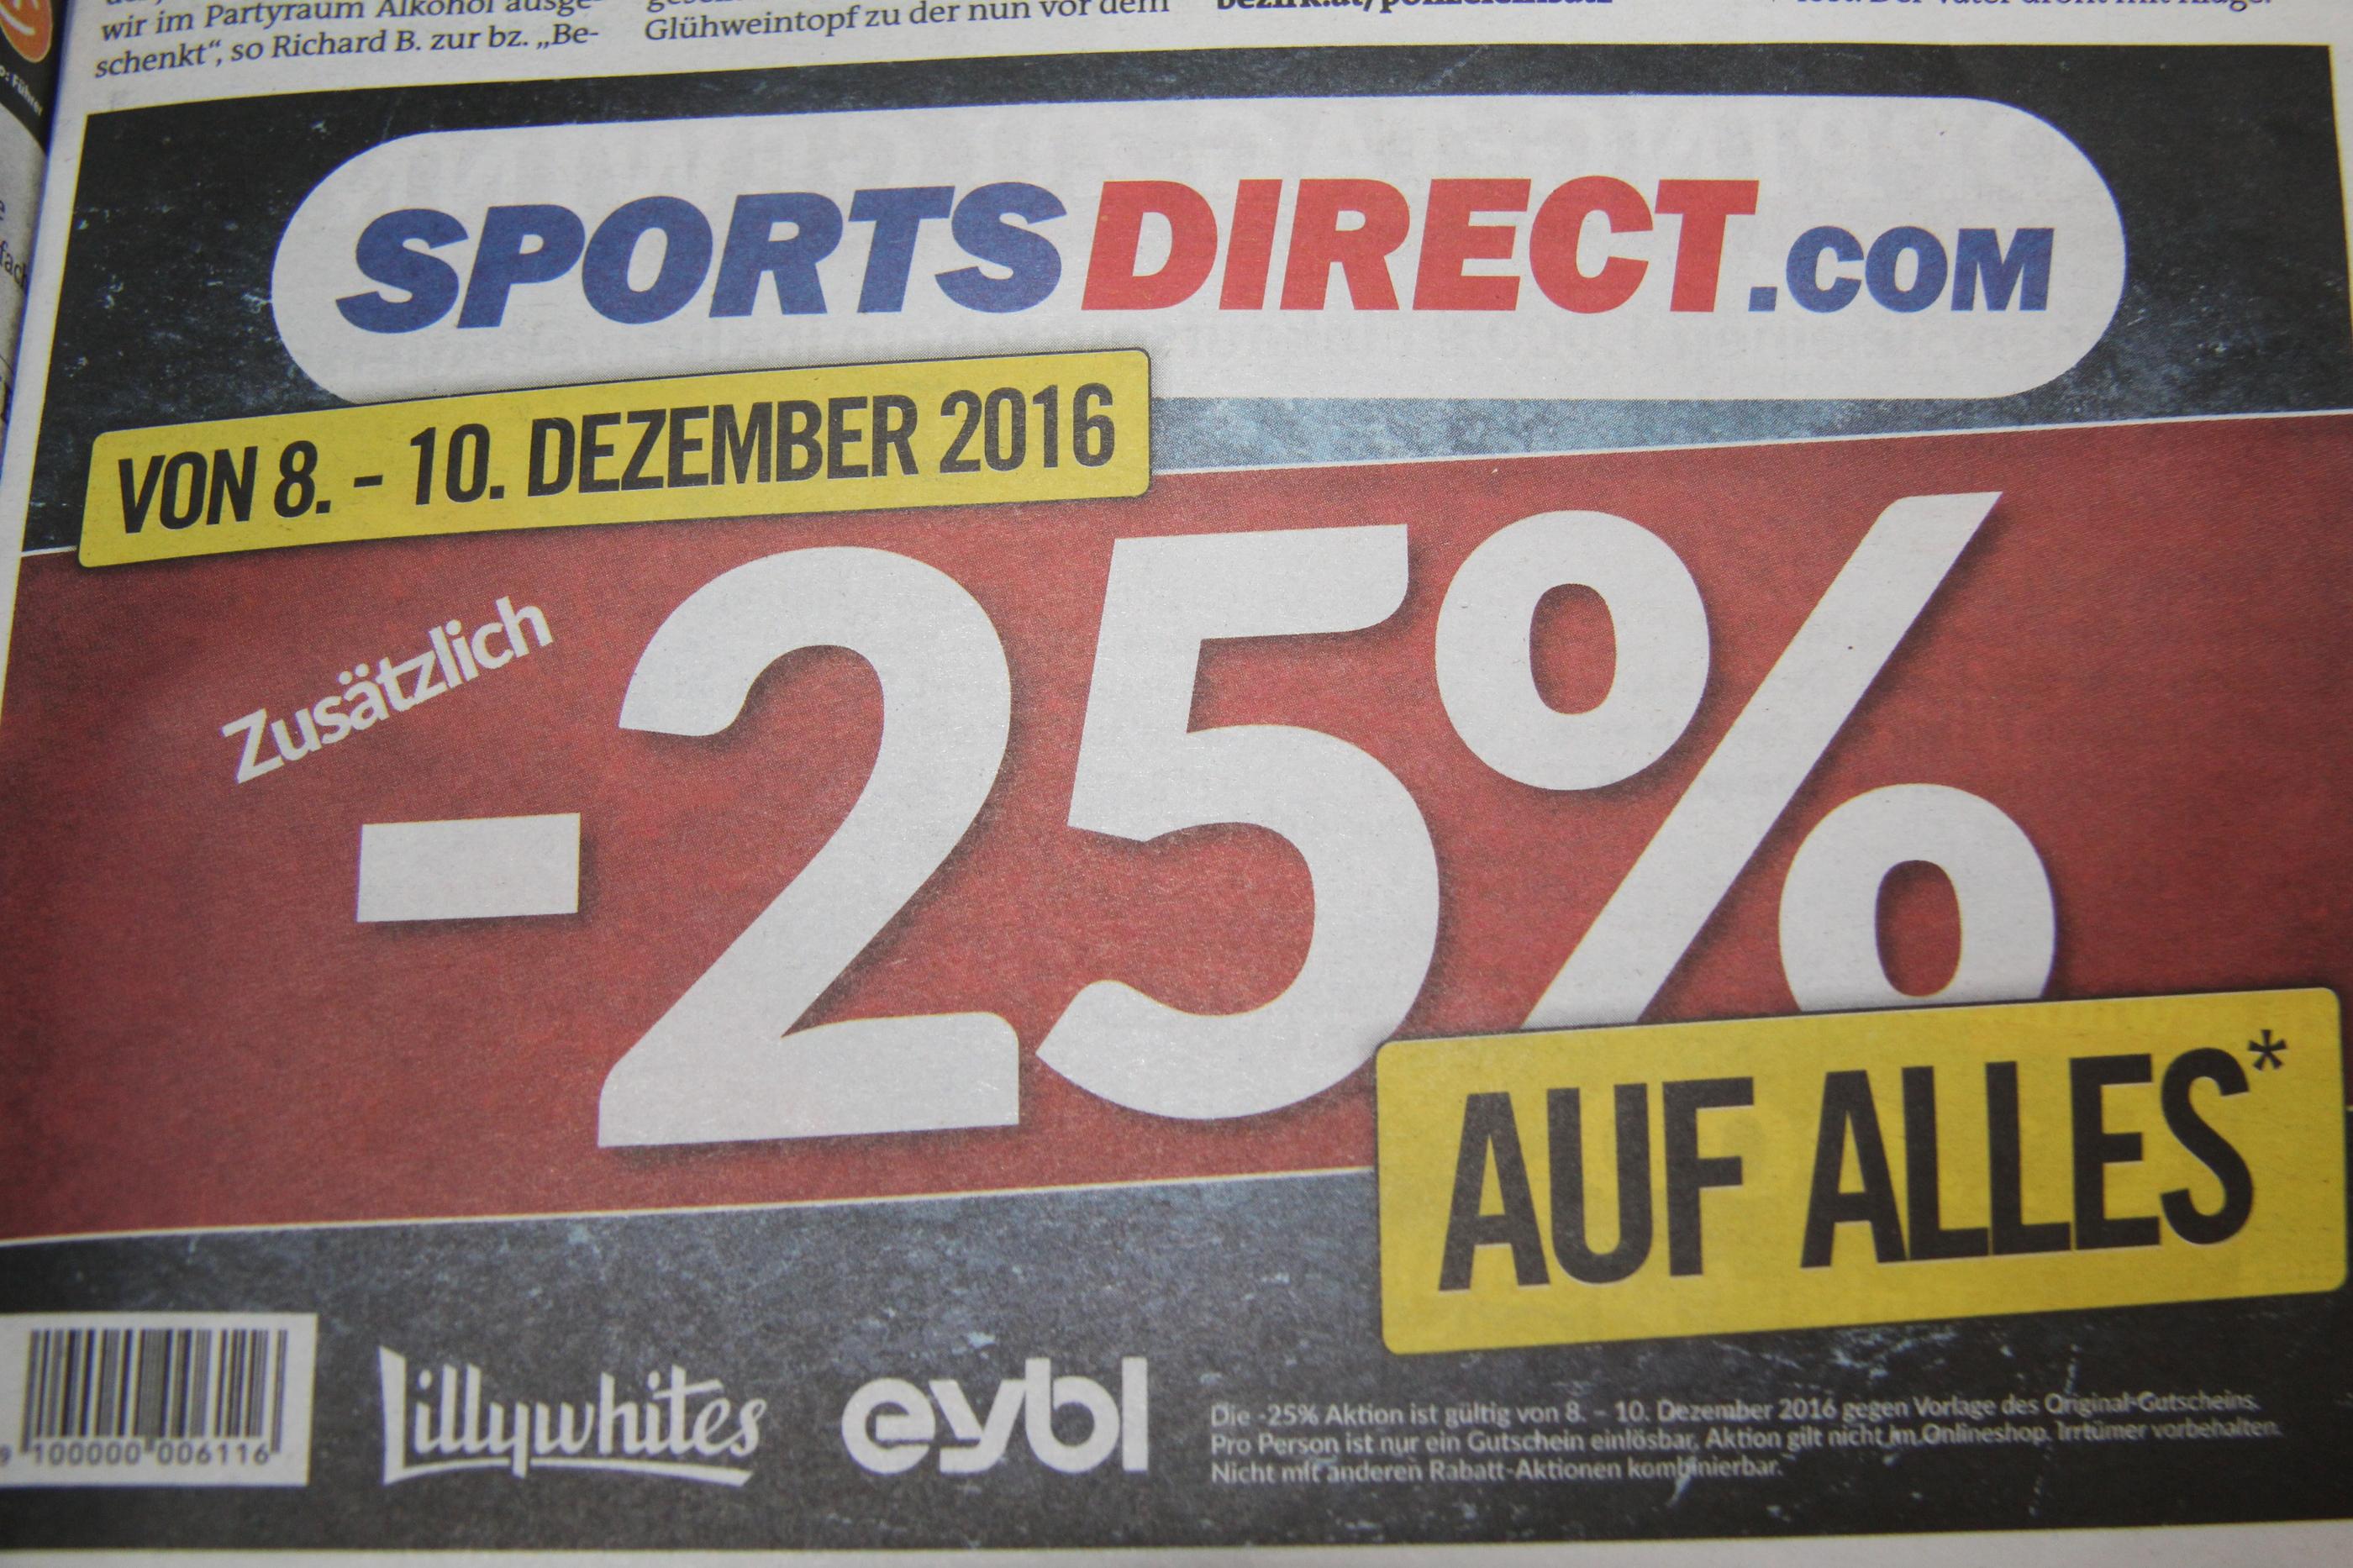 25% auf ALLES bei SportsDirect (nicht Online)